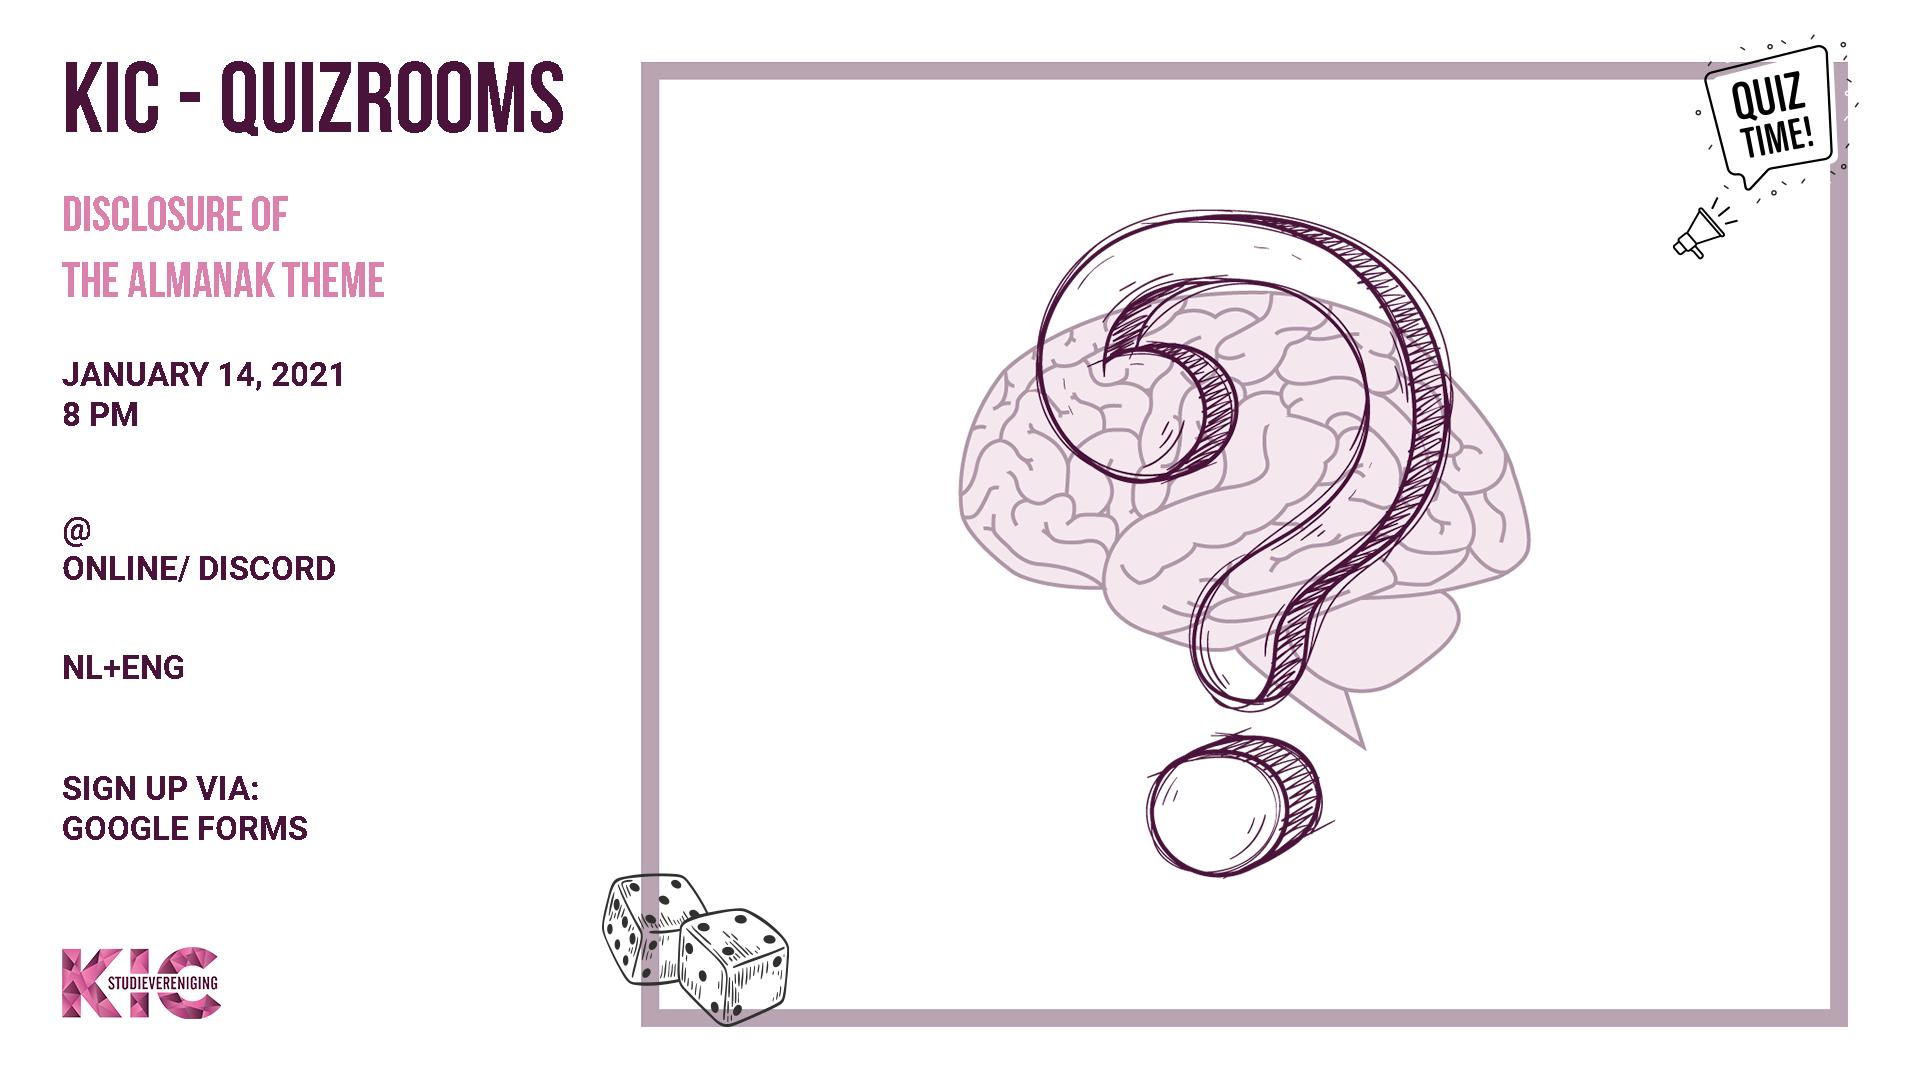 KIC presents: Quizrooms